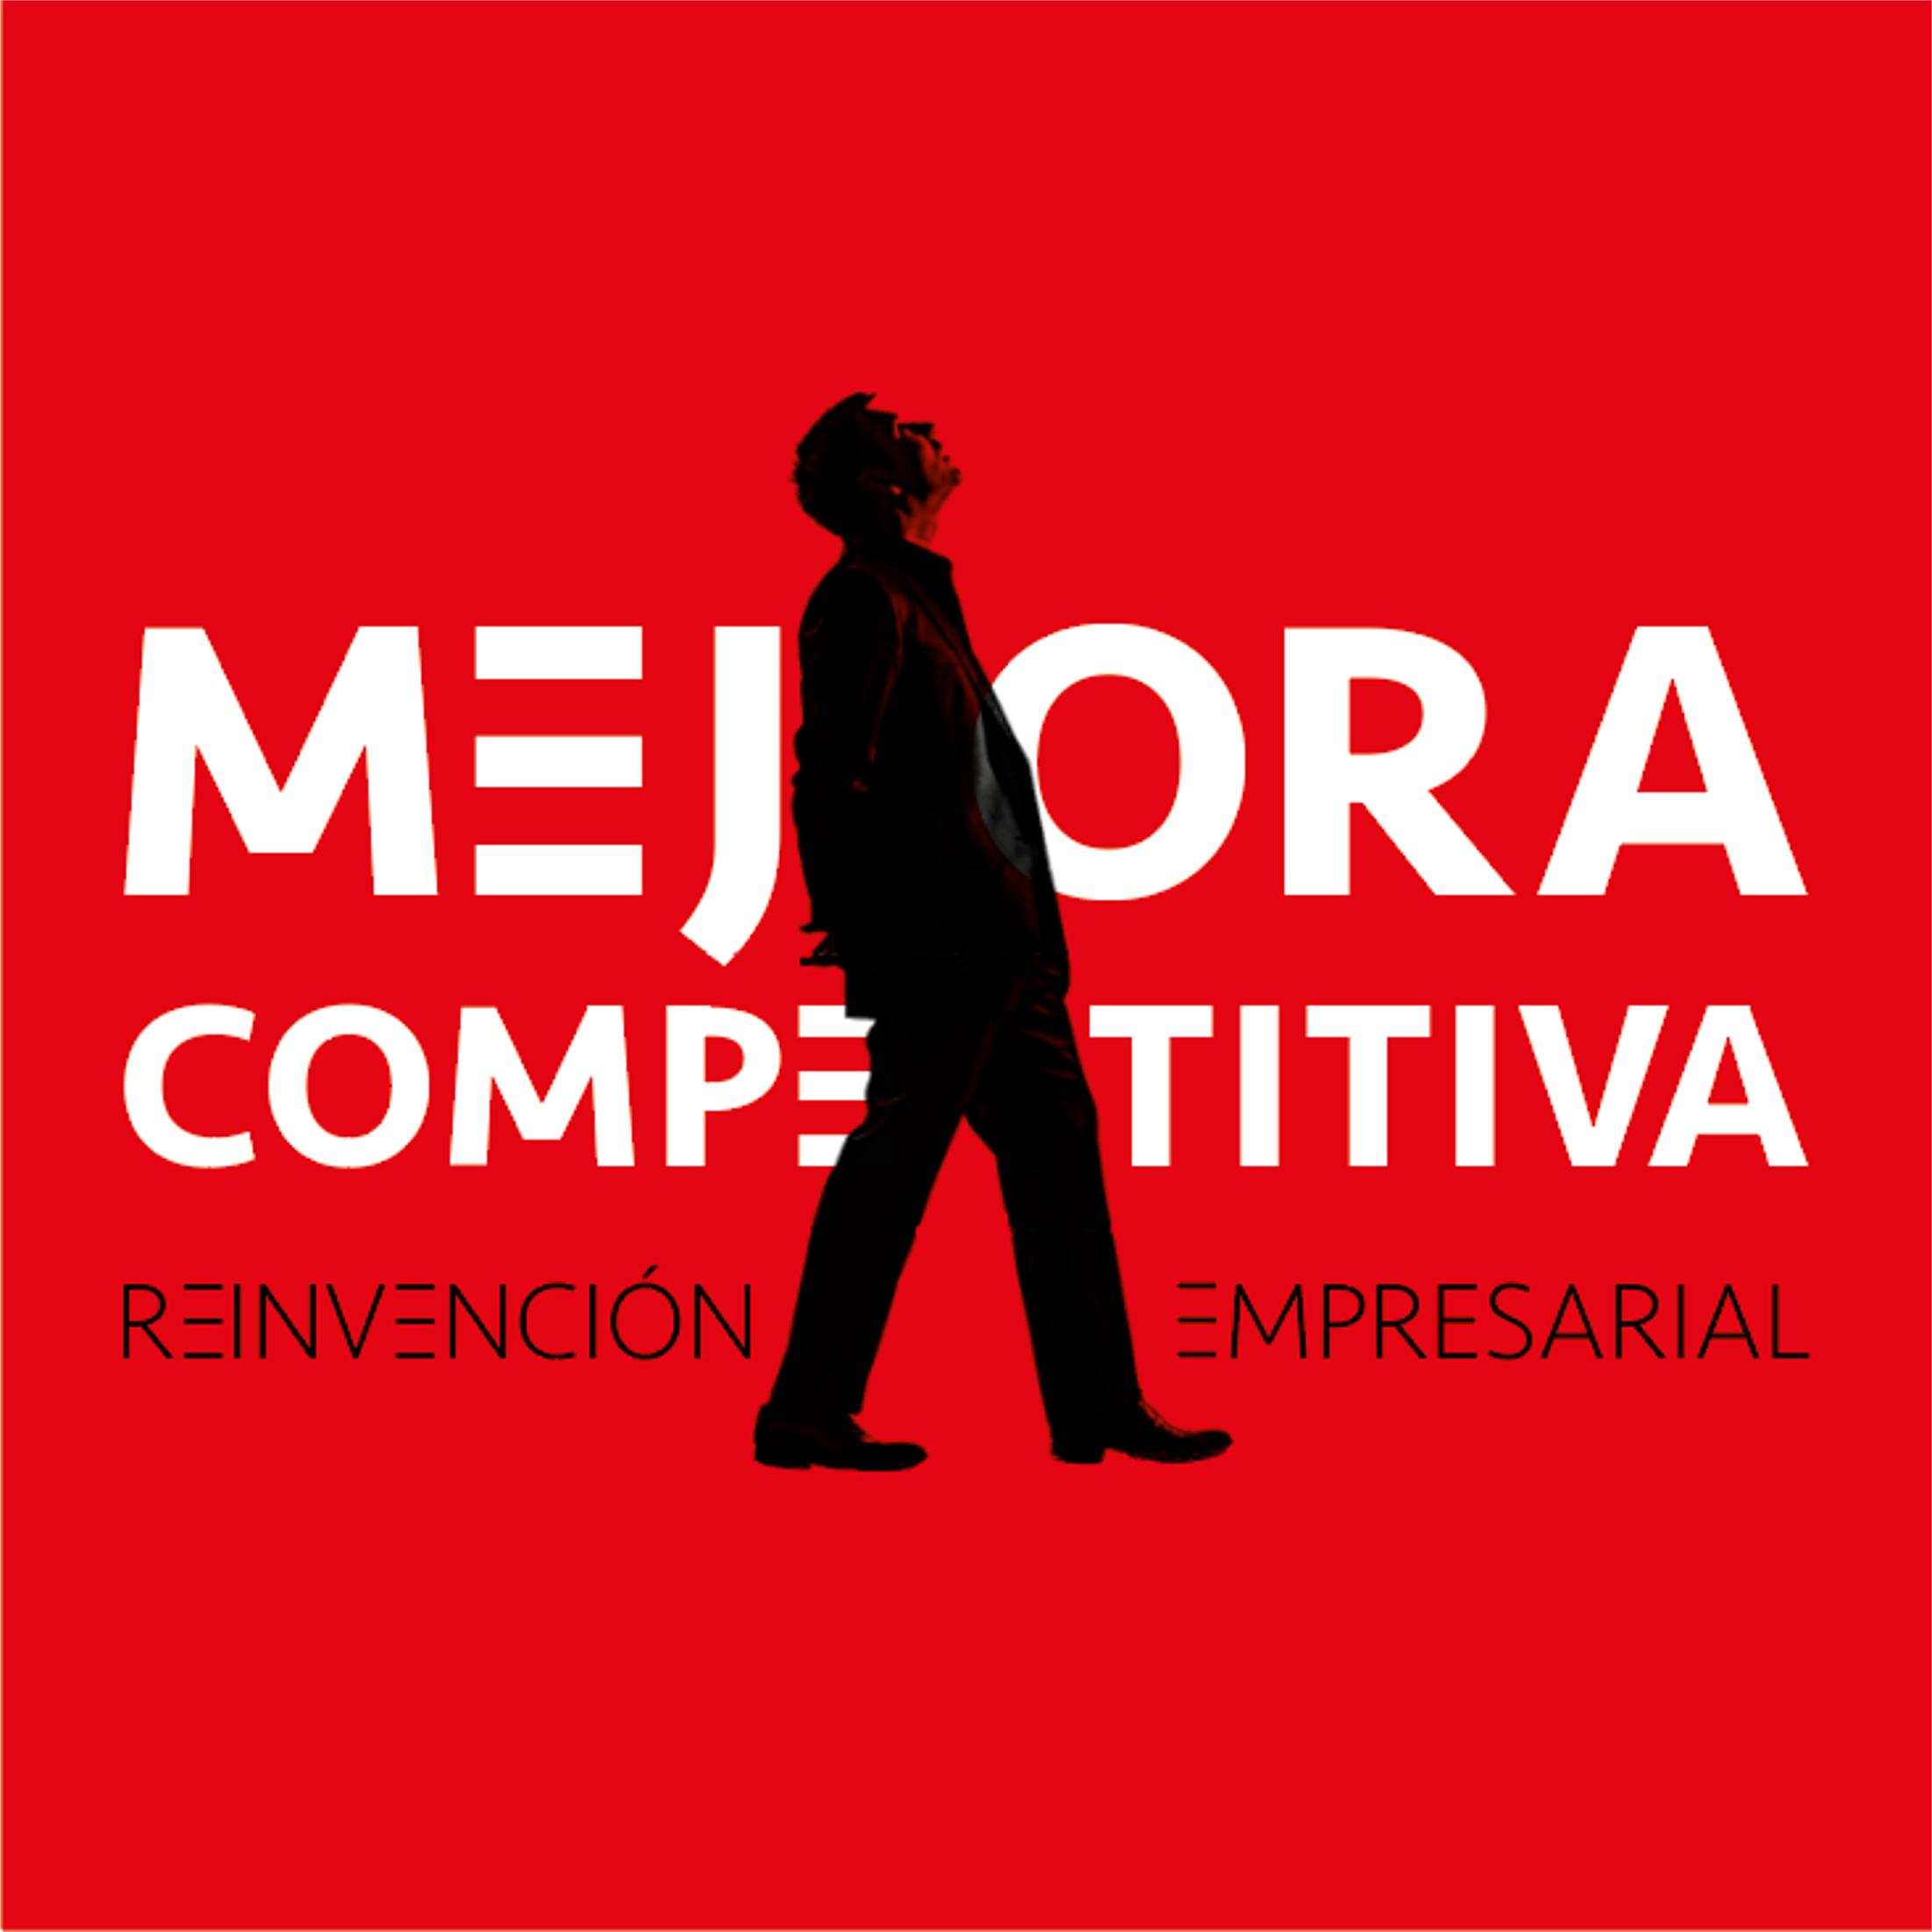 MEJORA COMPETITIVA. Logo Marca. Alta calidad